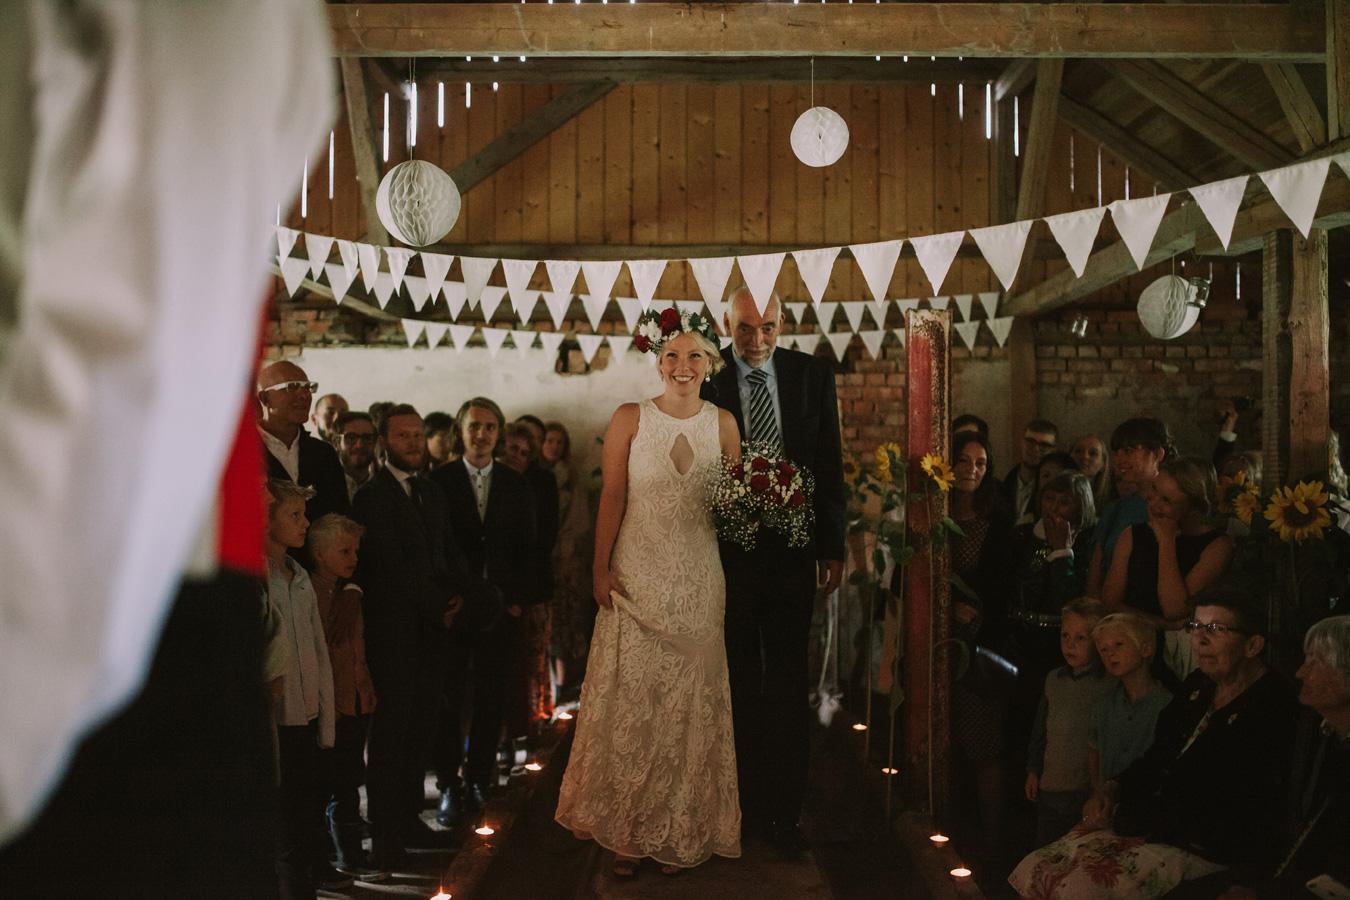 015-bryllupsfotograf-oslo-drobak-laavebryllup-tone-tvedt.jpg